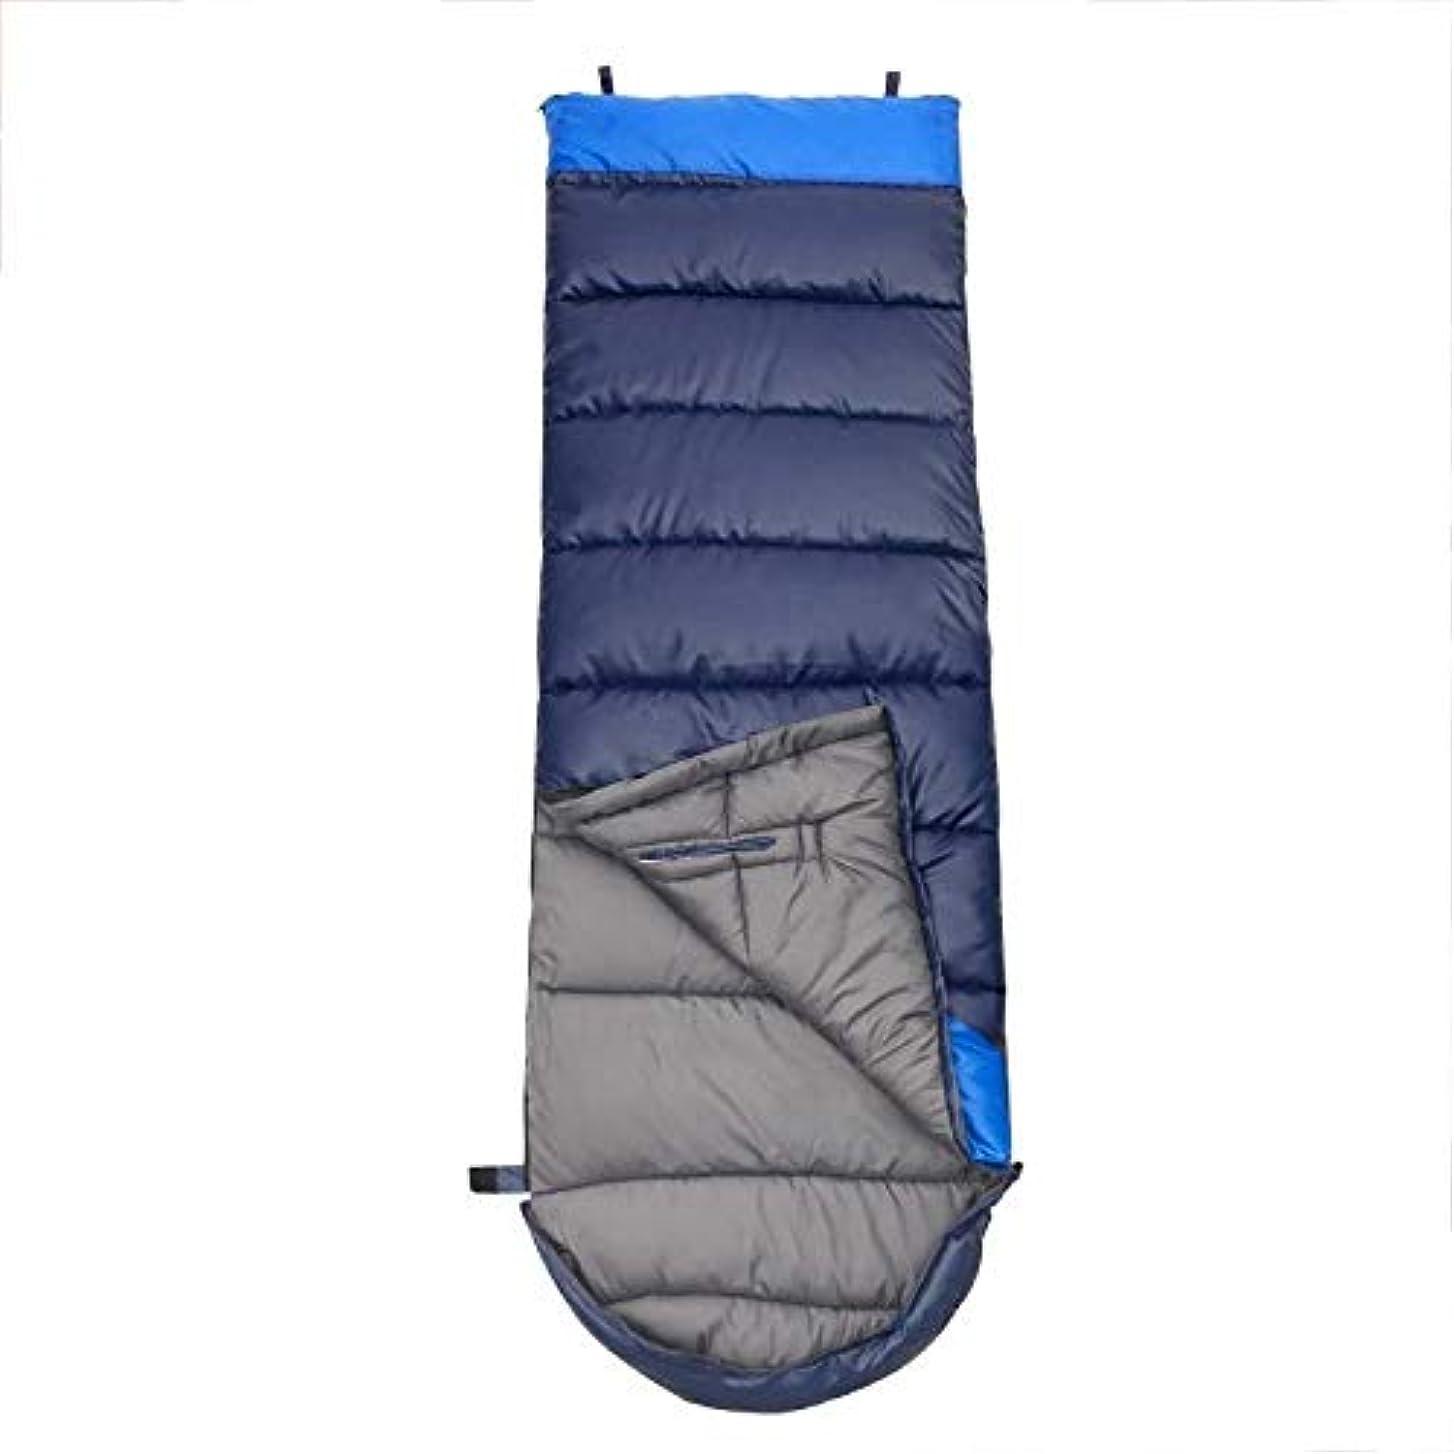 絶滅した器具申請者軽量キャンプ用寝袋ウォームシングル3シーズン大人のハイキング登山に最適屋外活動緑青(色:青)